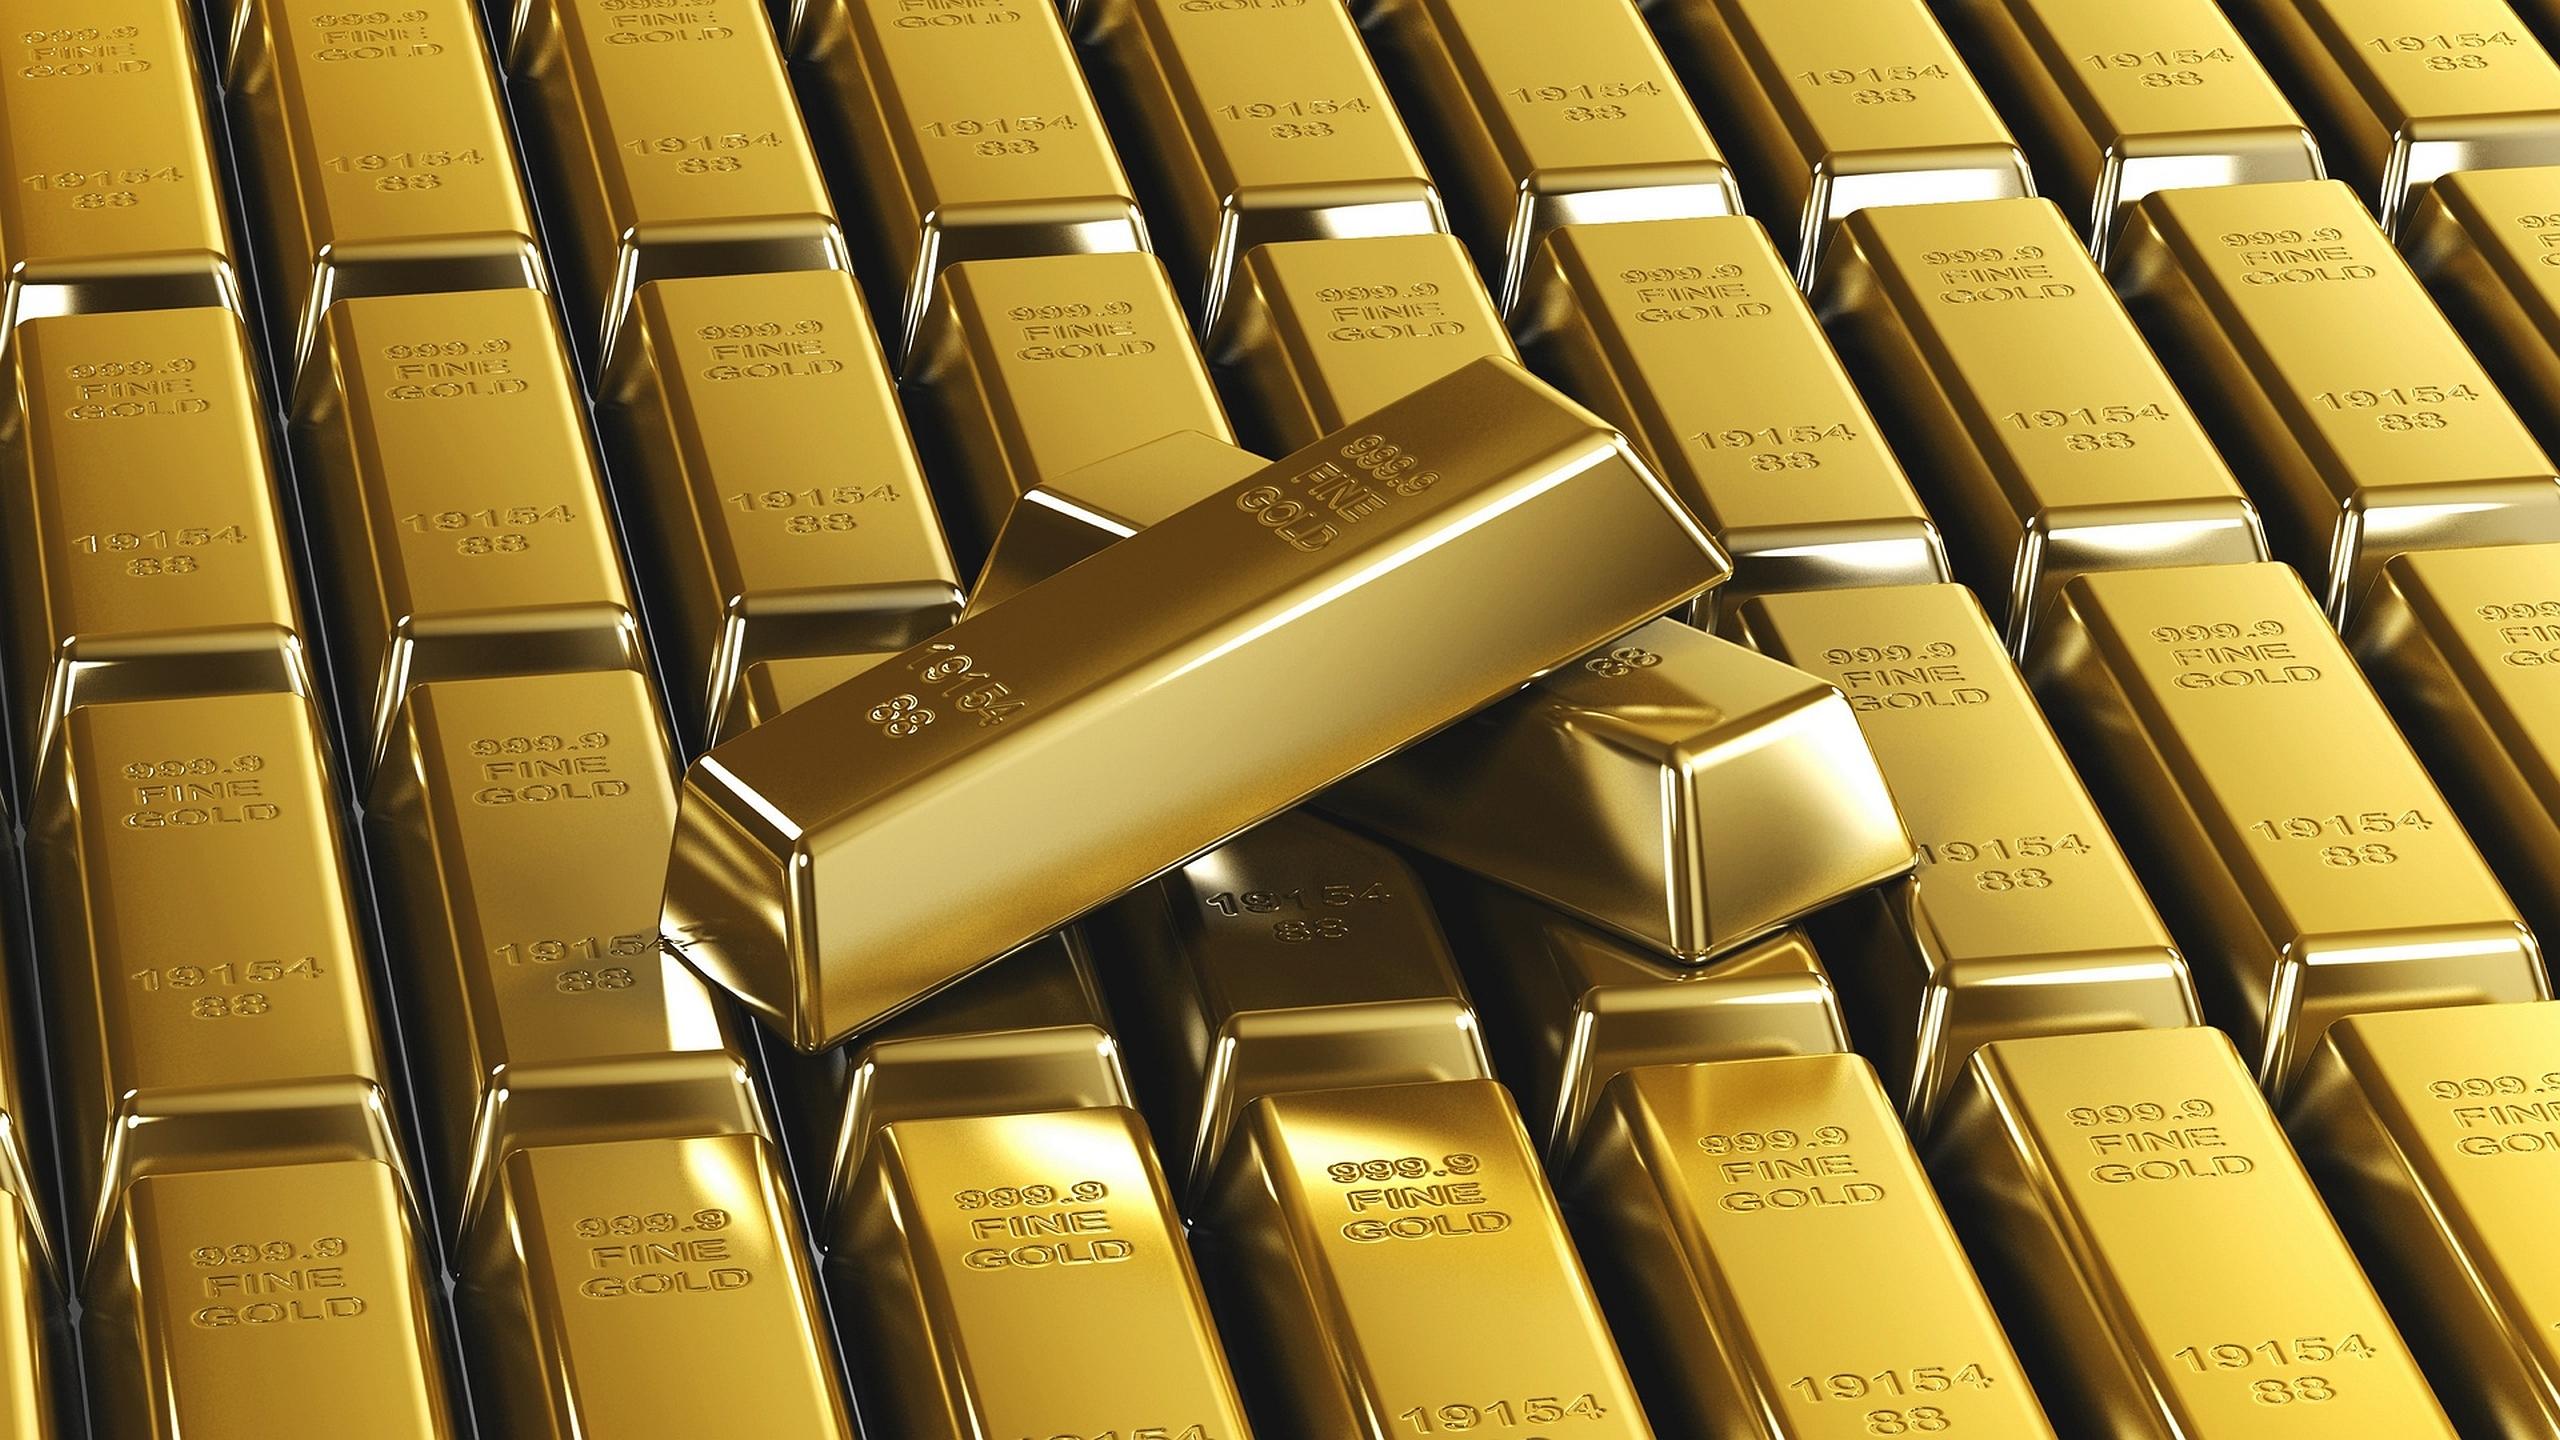 tải ảnh khối vàng 9999